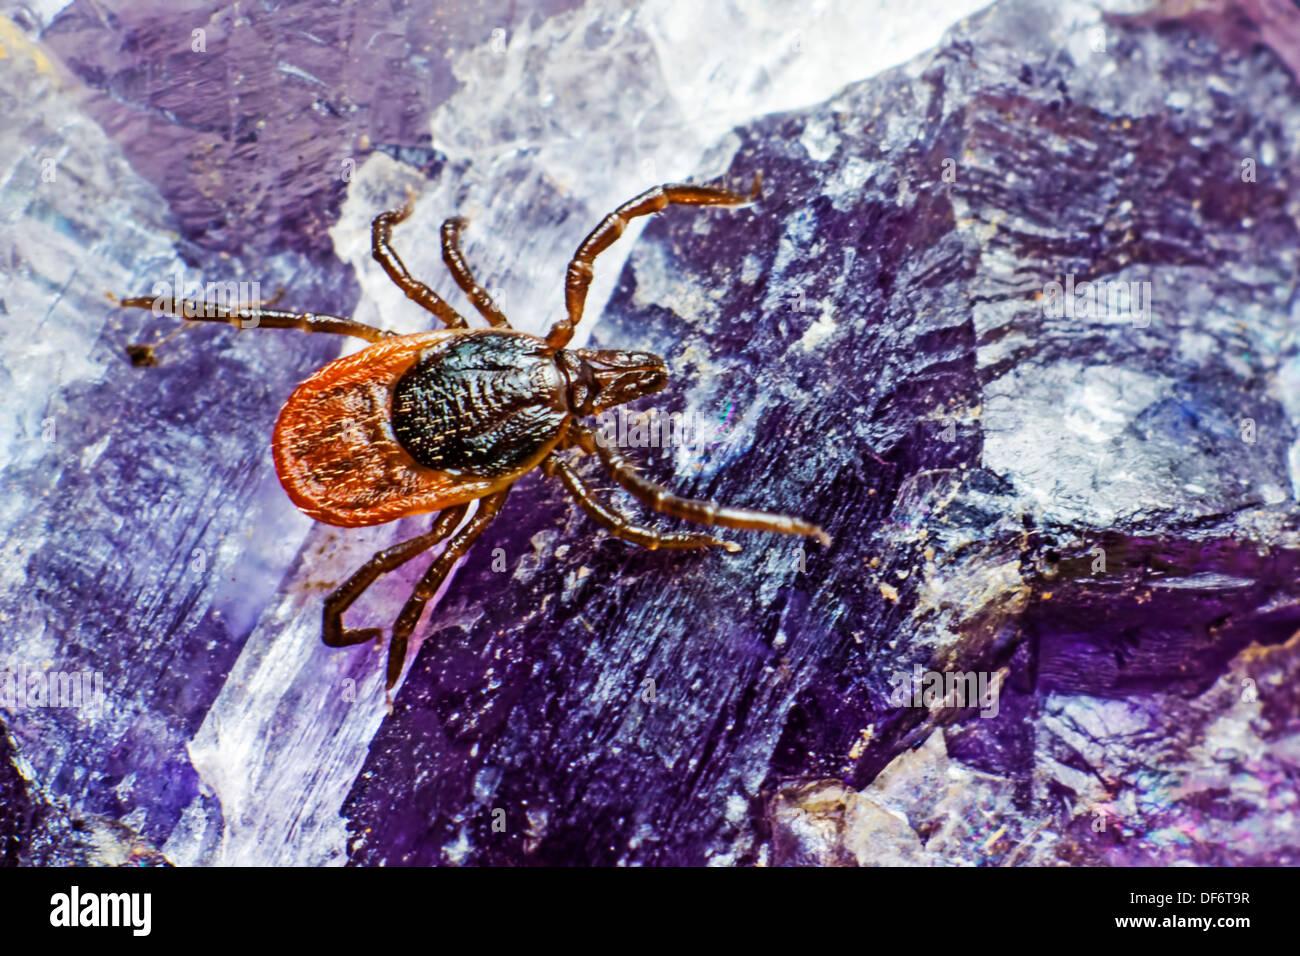 El ricino garrapata (Ixodes ricinus) Imagen De Stock